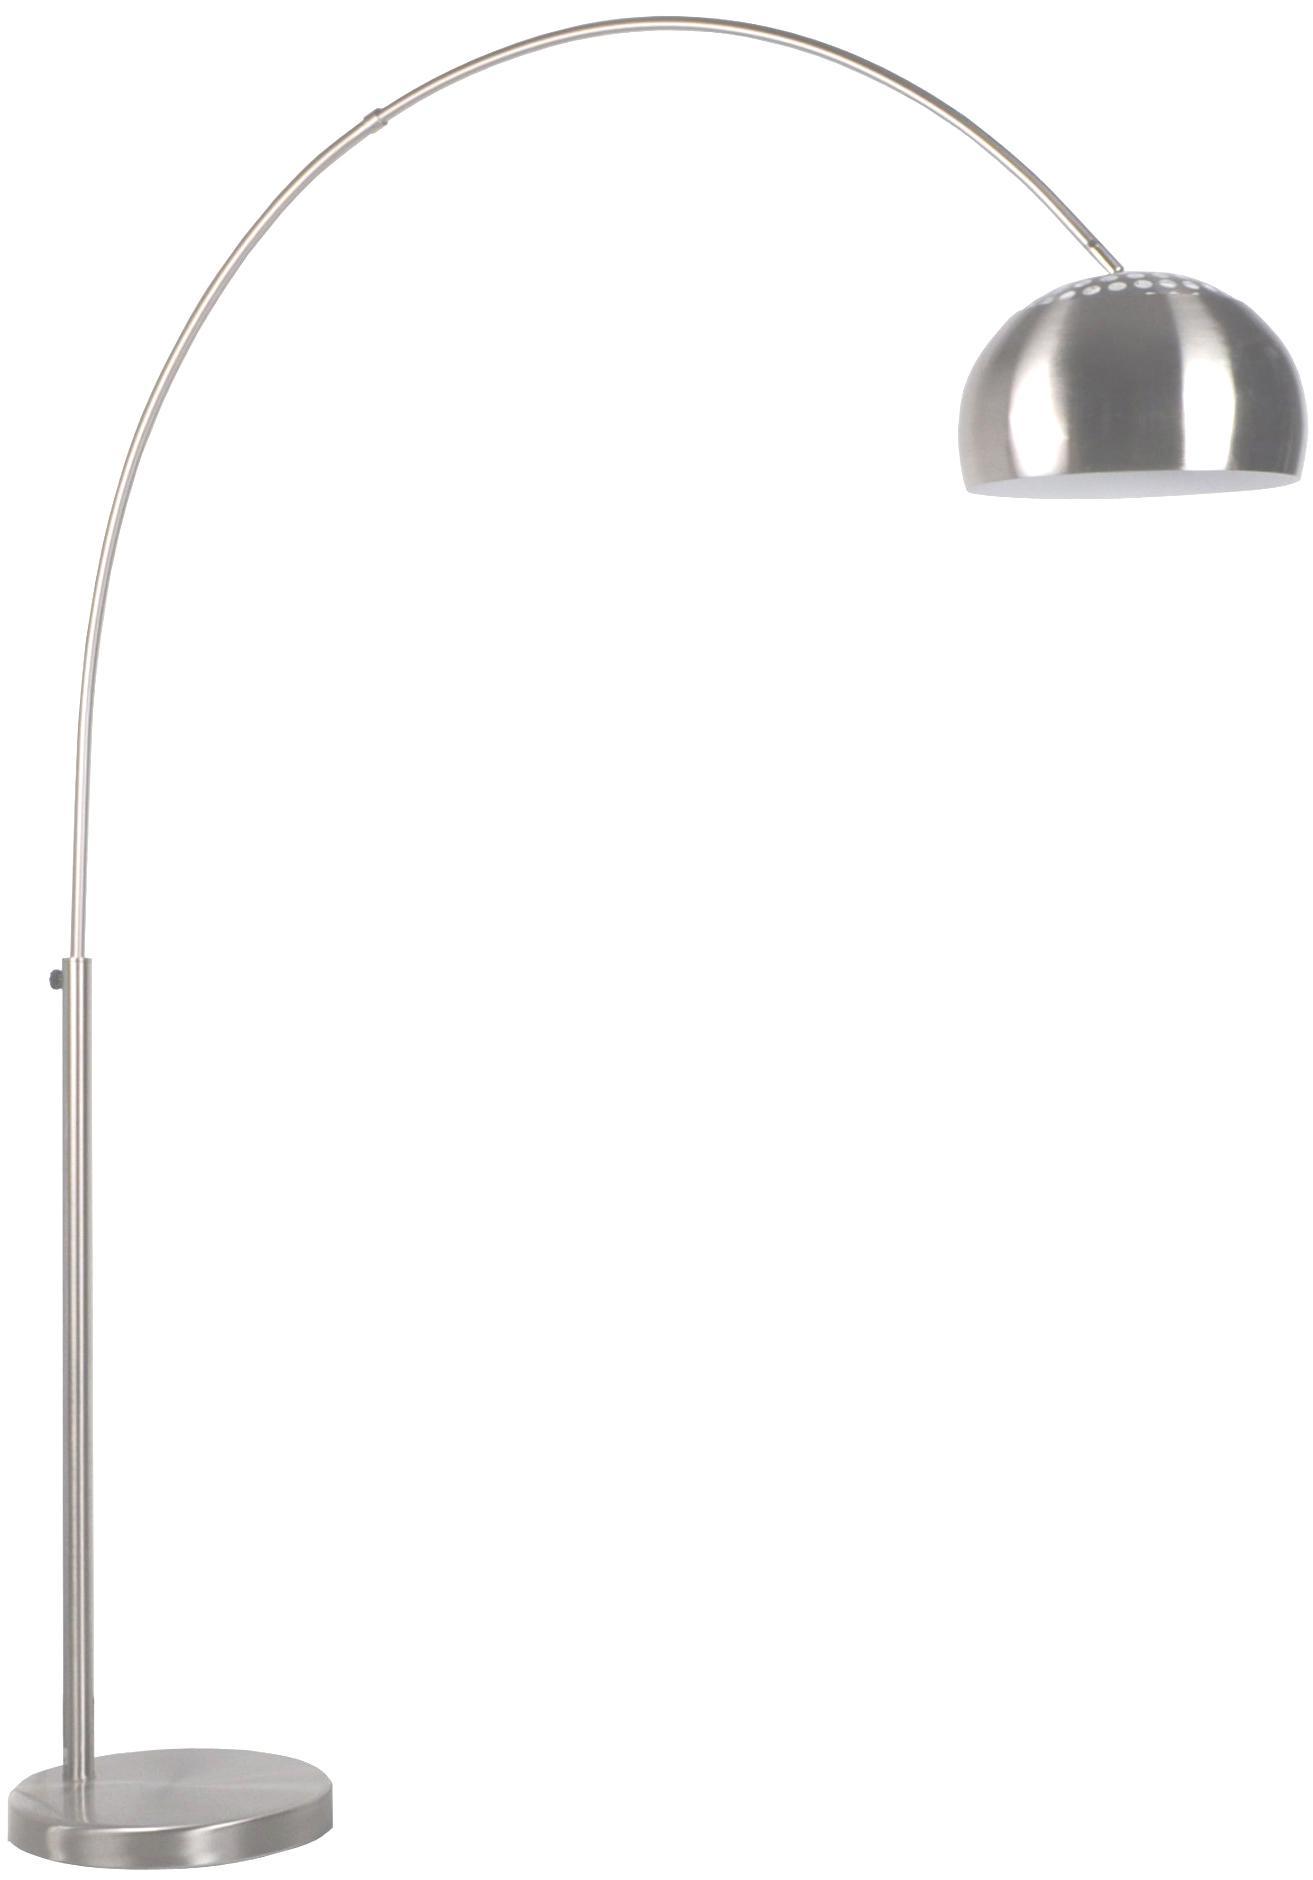 Lampa podłogowa w kształcie łuku z regulacją wysokości Metal Bow, Metalowy, S 170 x W 205 cm